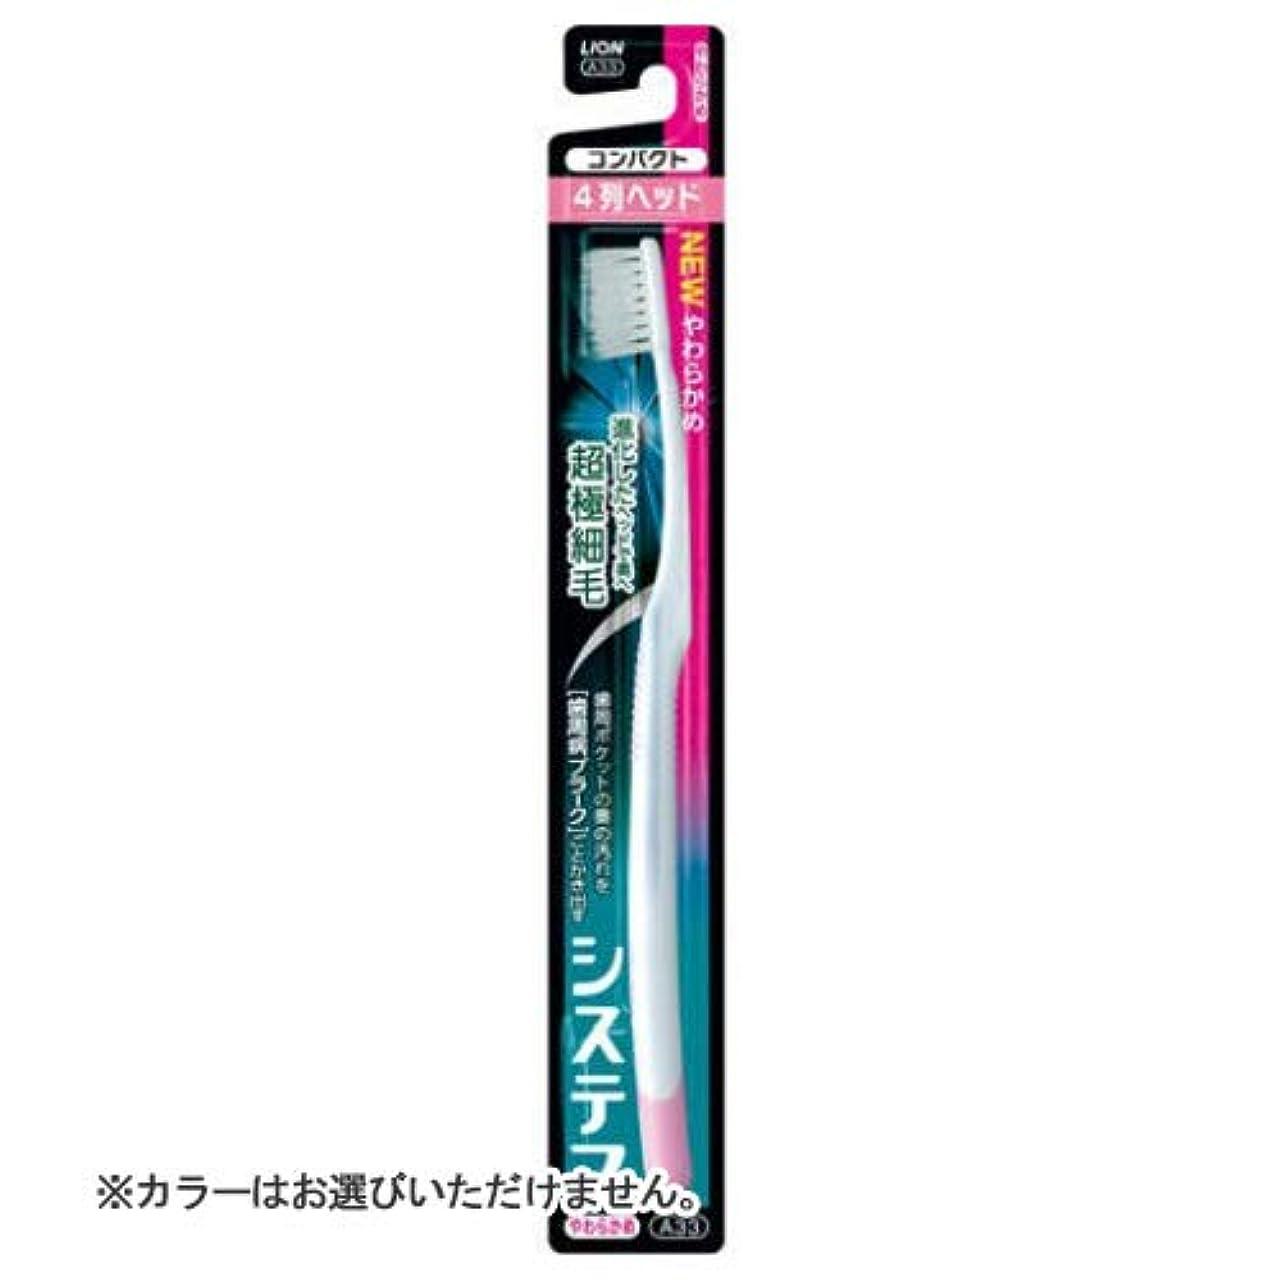 記念品レシピホームライオン システマ ハブラシ コンパクト4列 やわらかめ (1本) 大人用 歯ブラシ